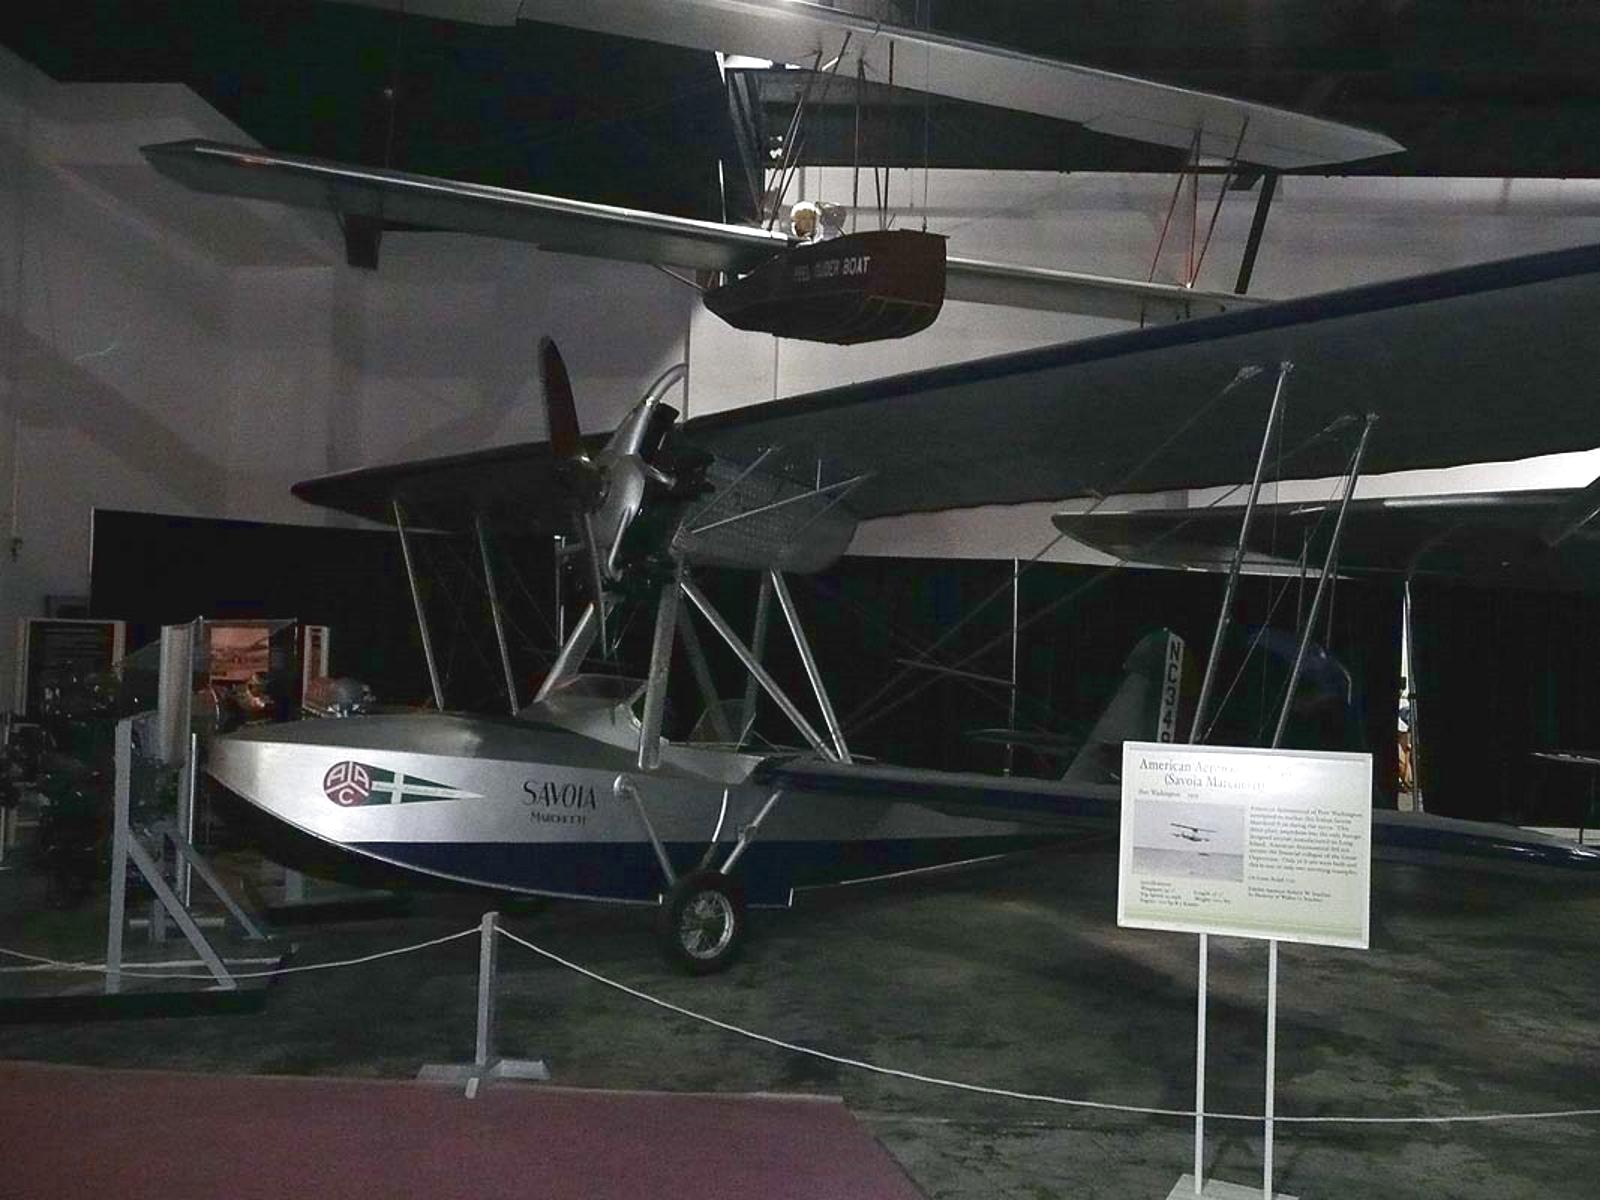 萨沃伊-马尔凯蒂S-56